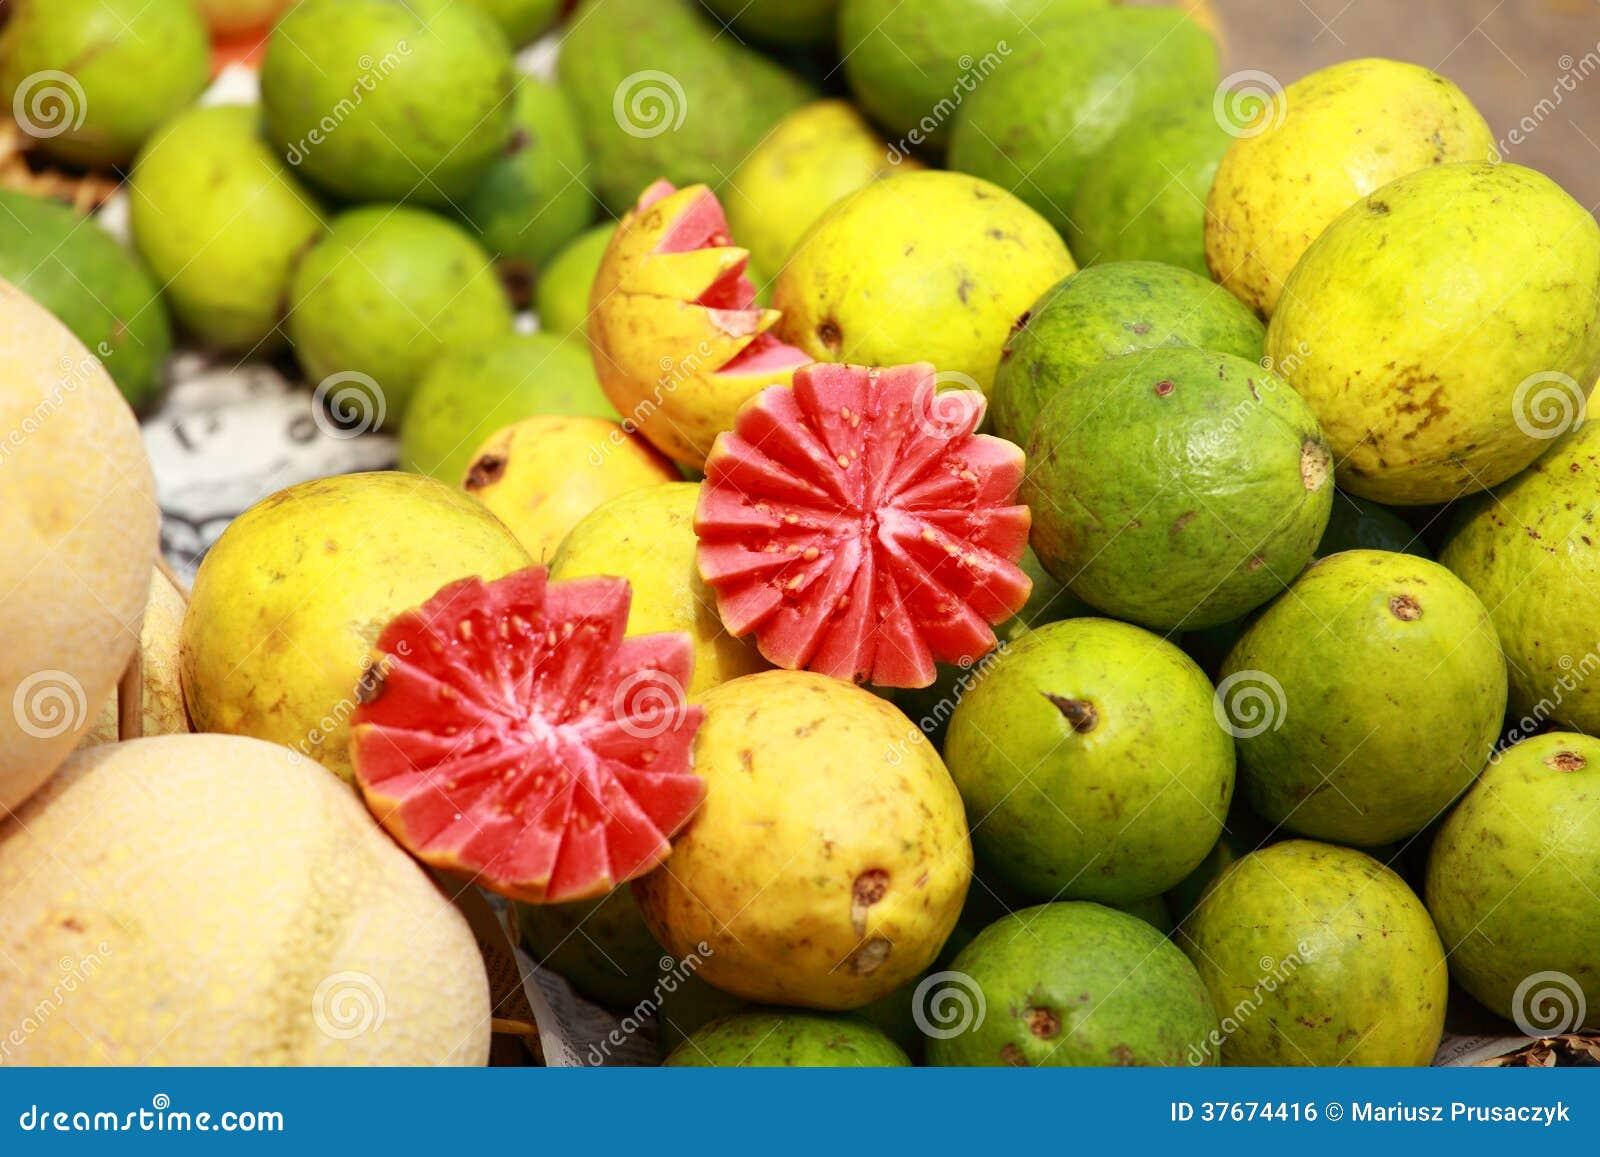 Świeży owocowy rynek w India